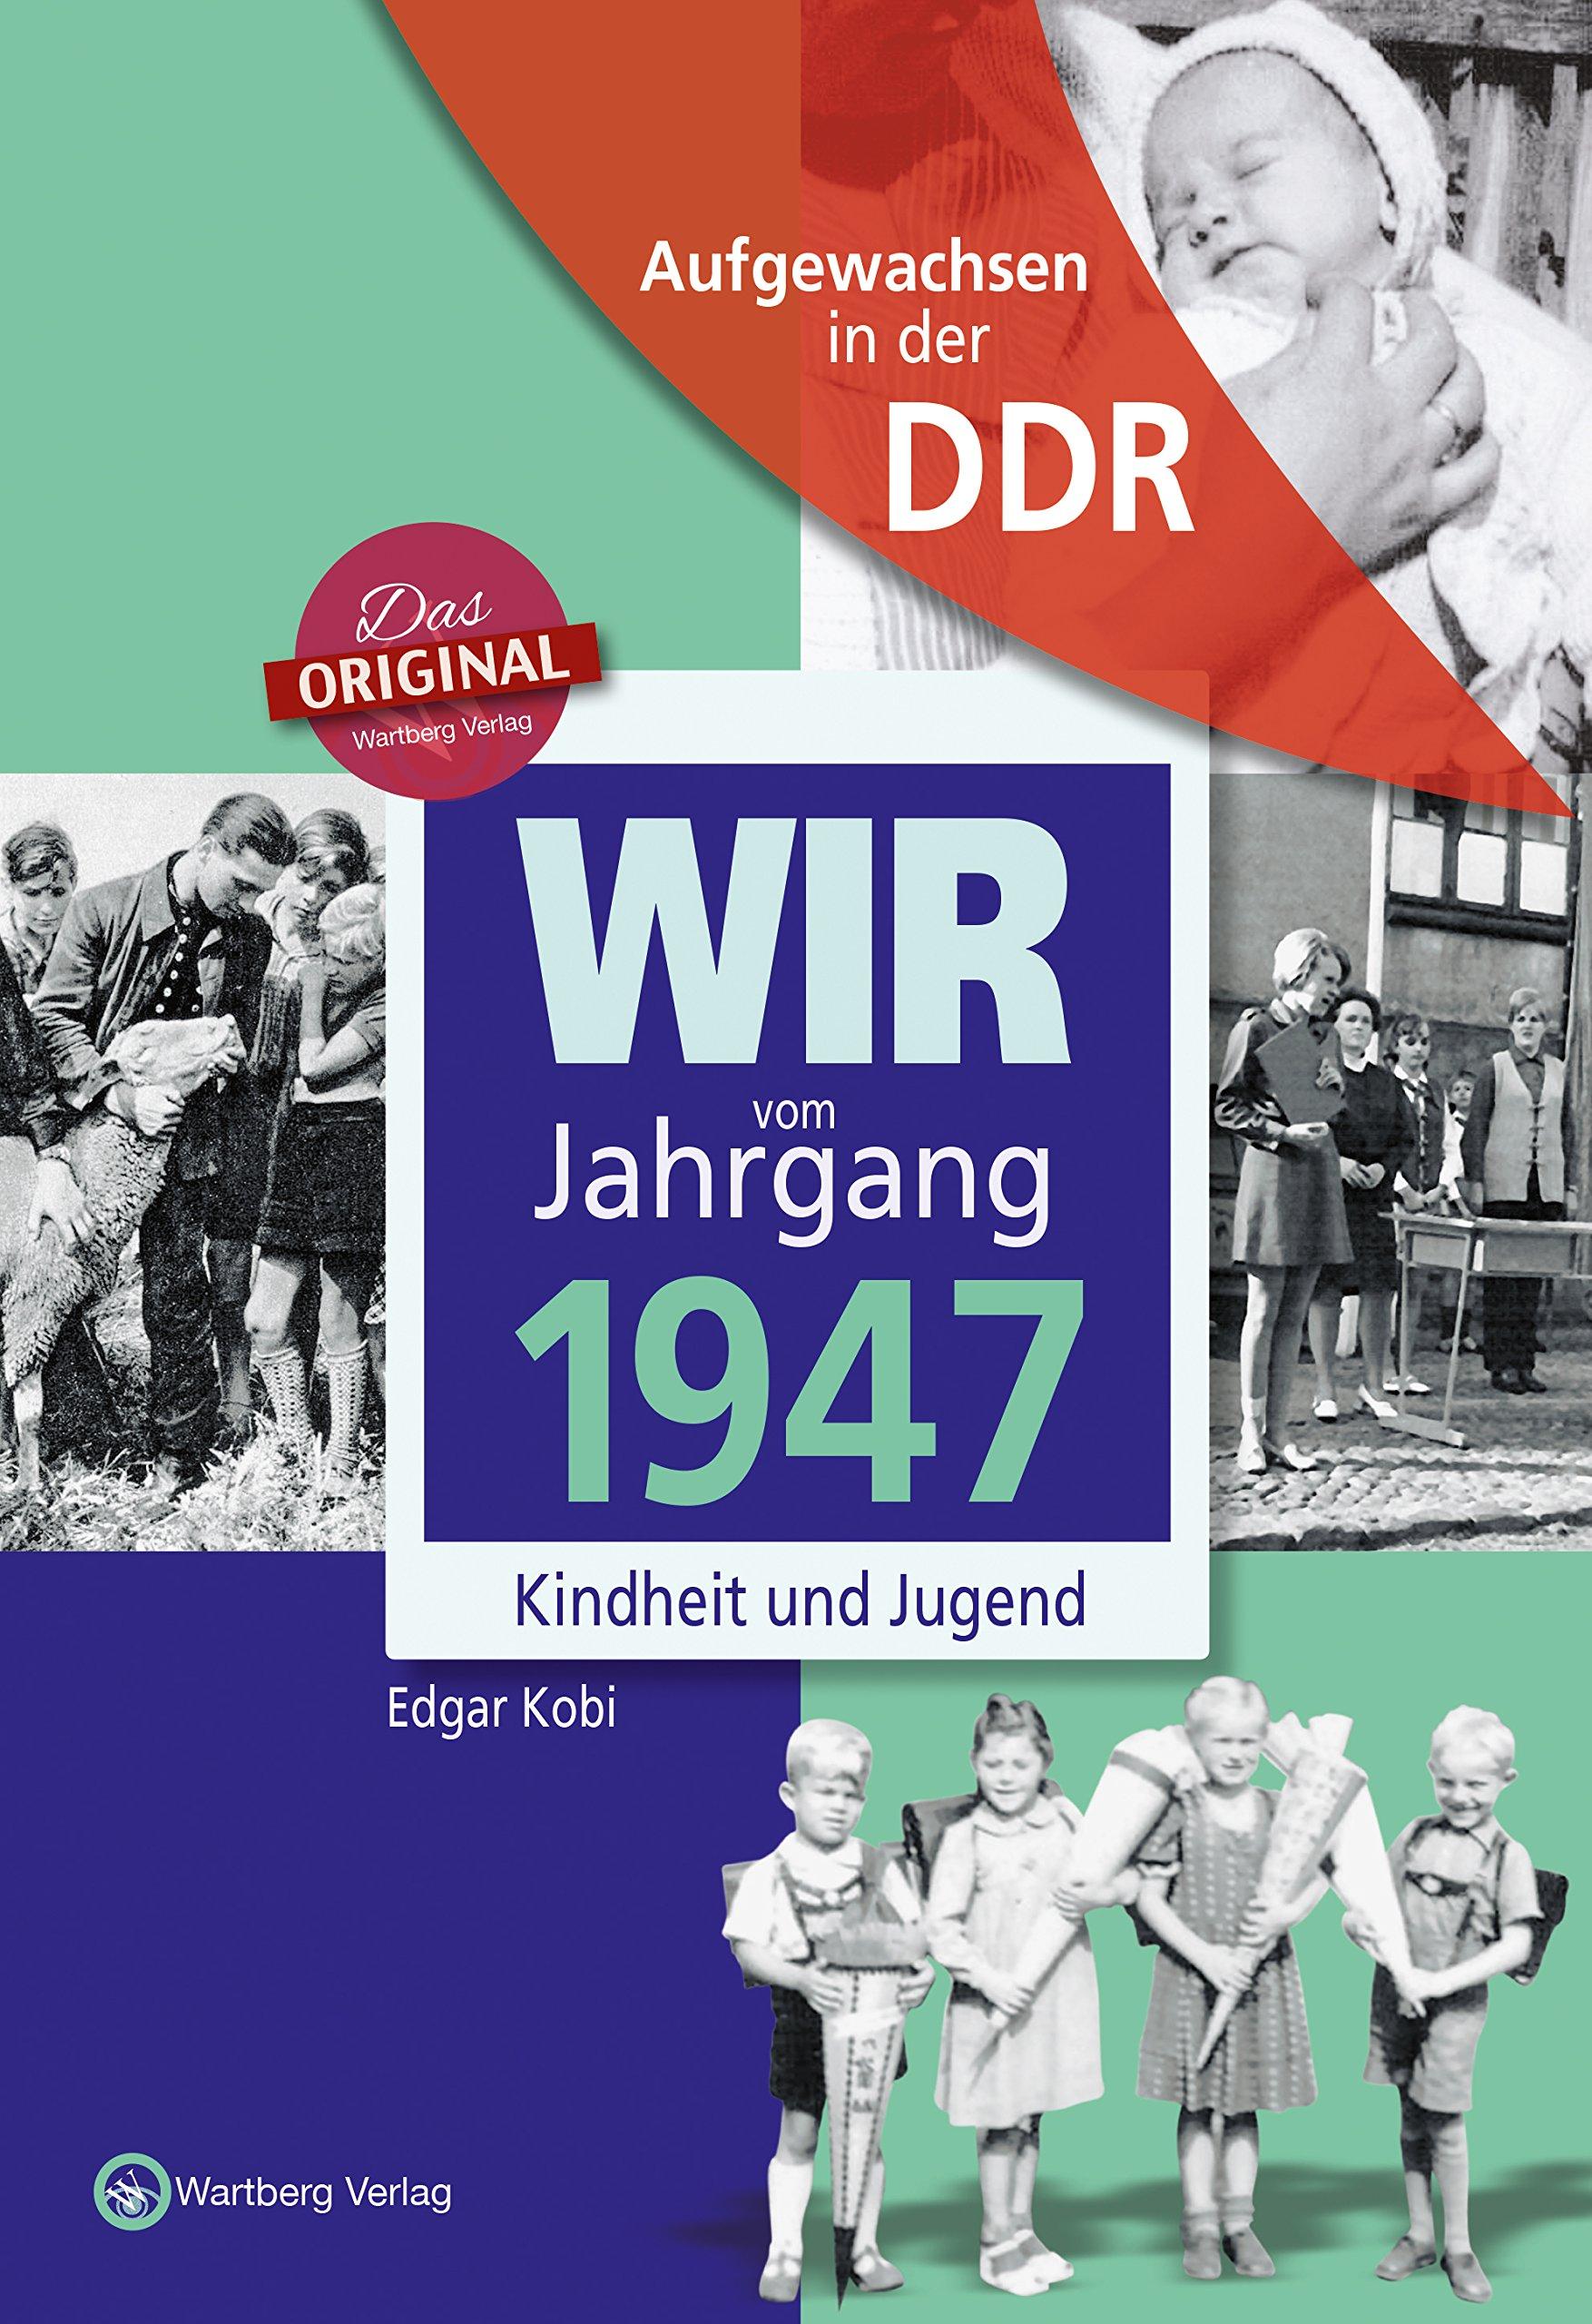 Aufgewachsen in der DDR - Wir vom Jahrgang 1947 - Kindheit und Jugend